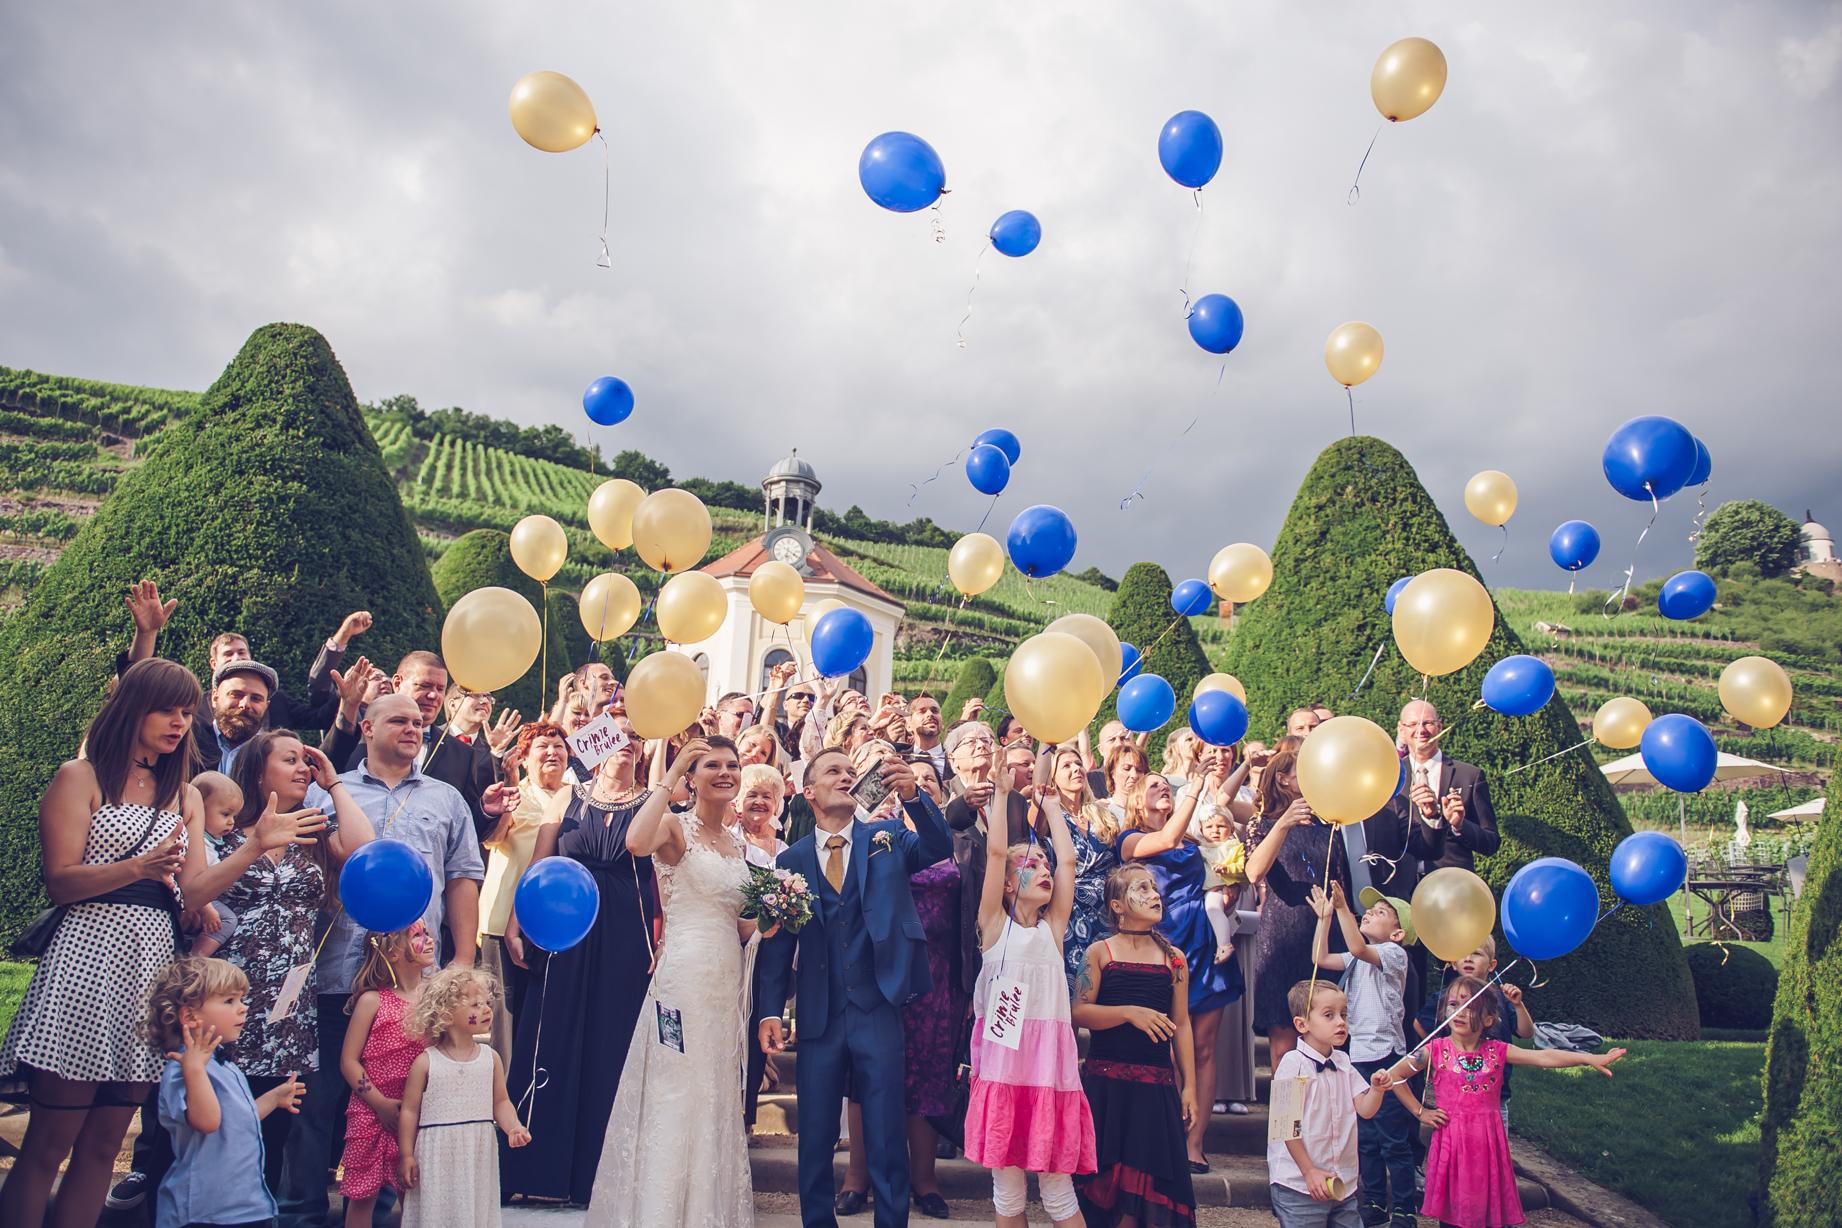 Hochzeitsfotograf Feier Luftballons